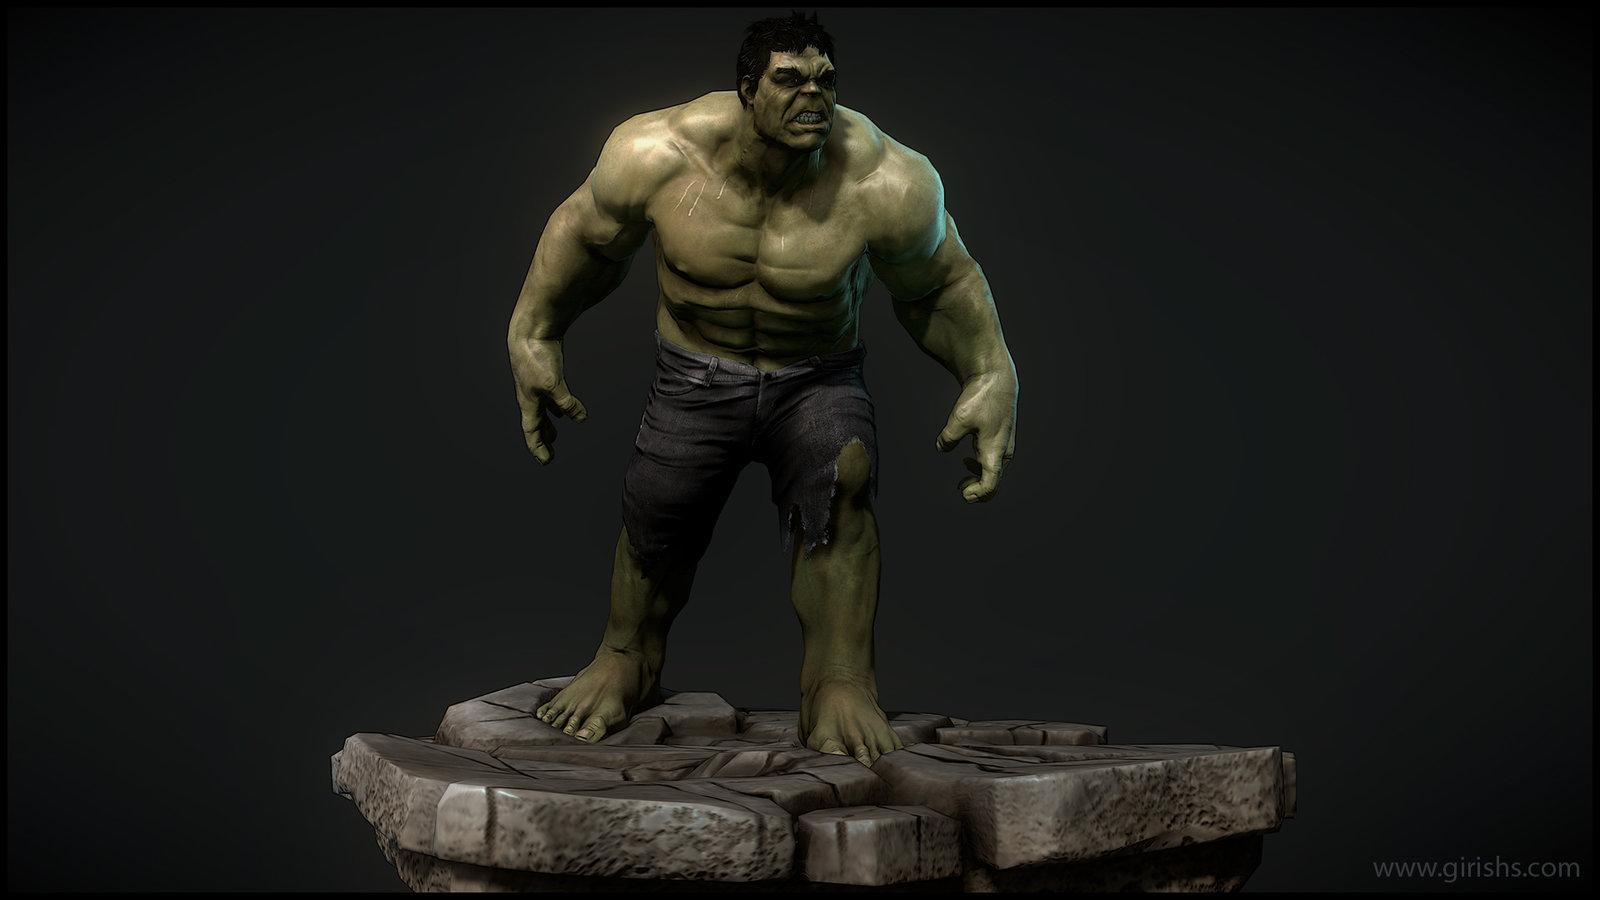 Hulk Avengers - 2012